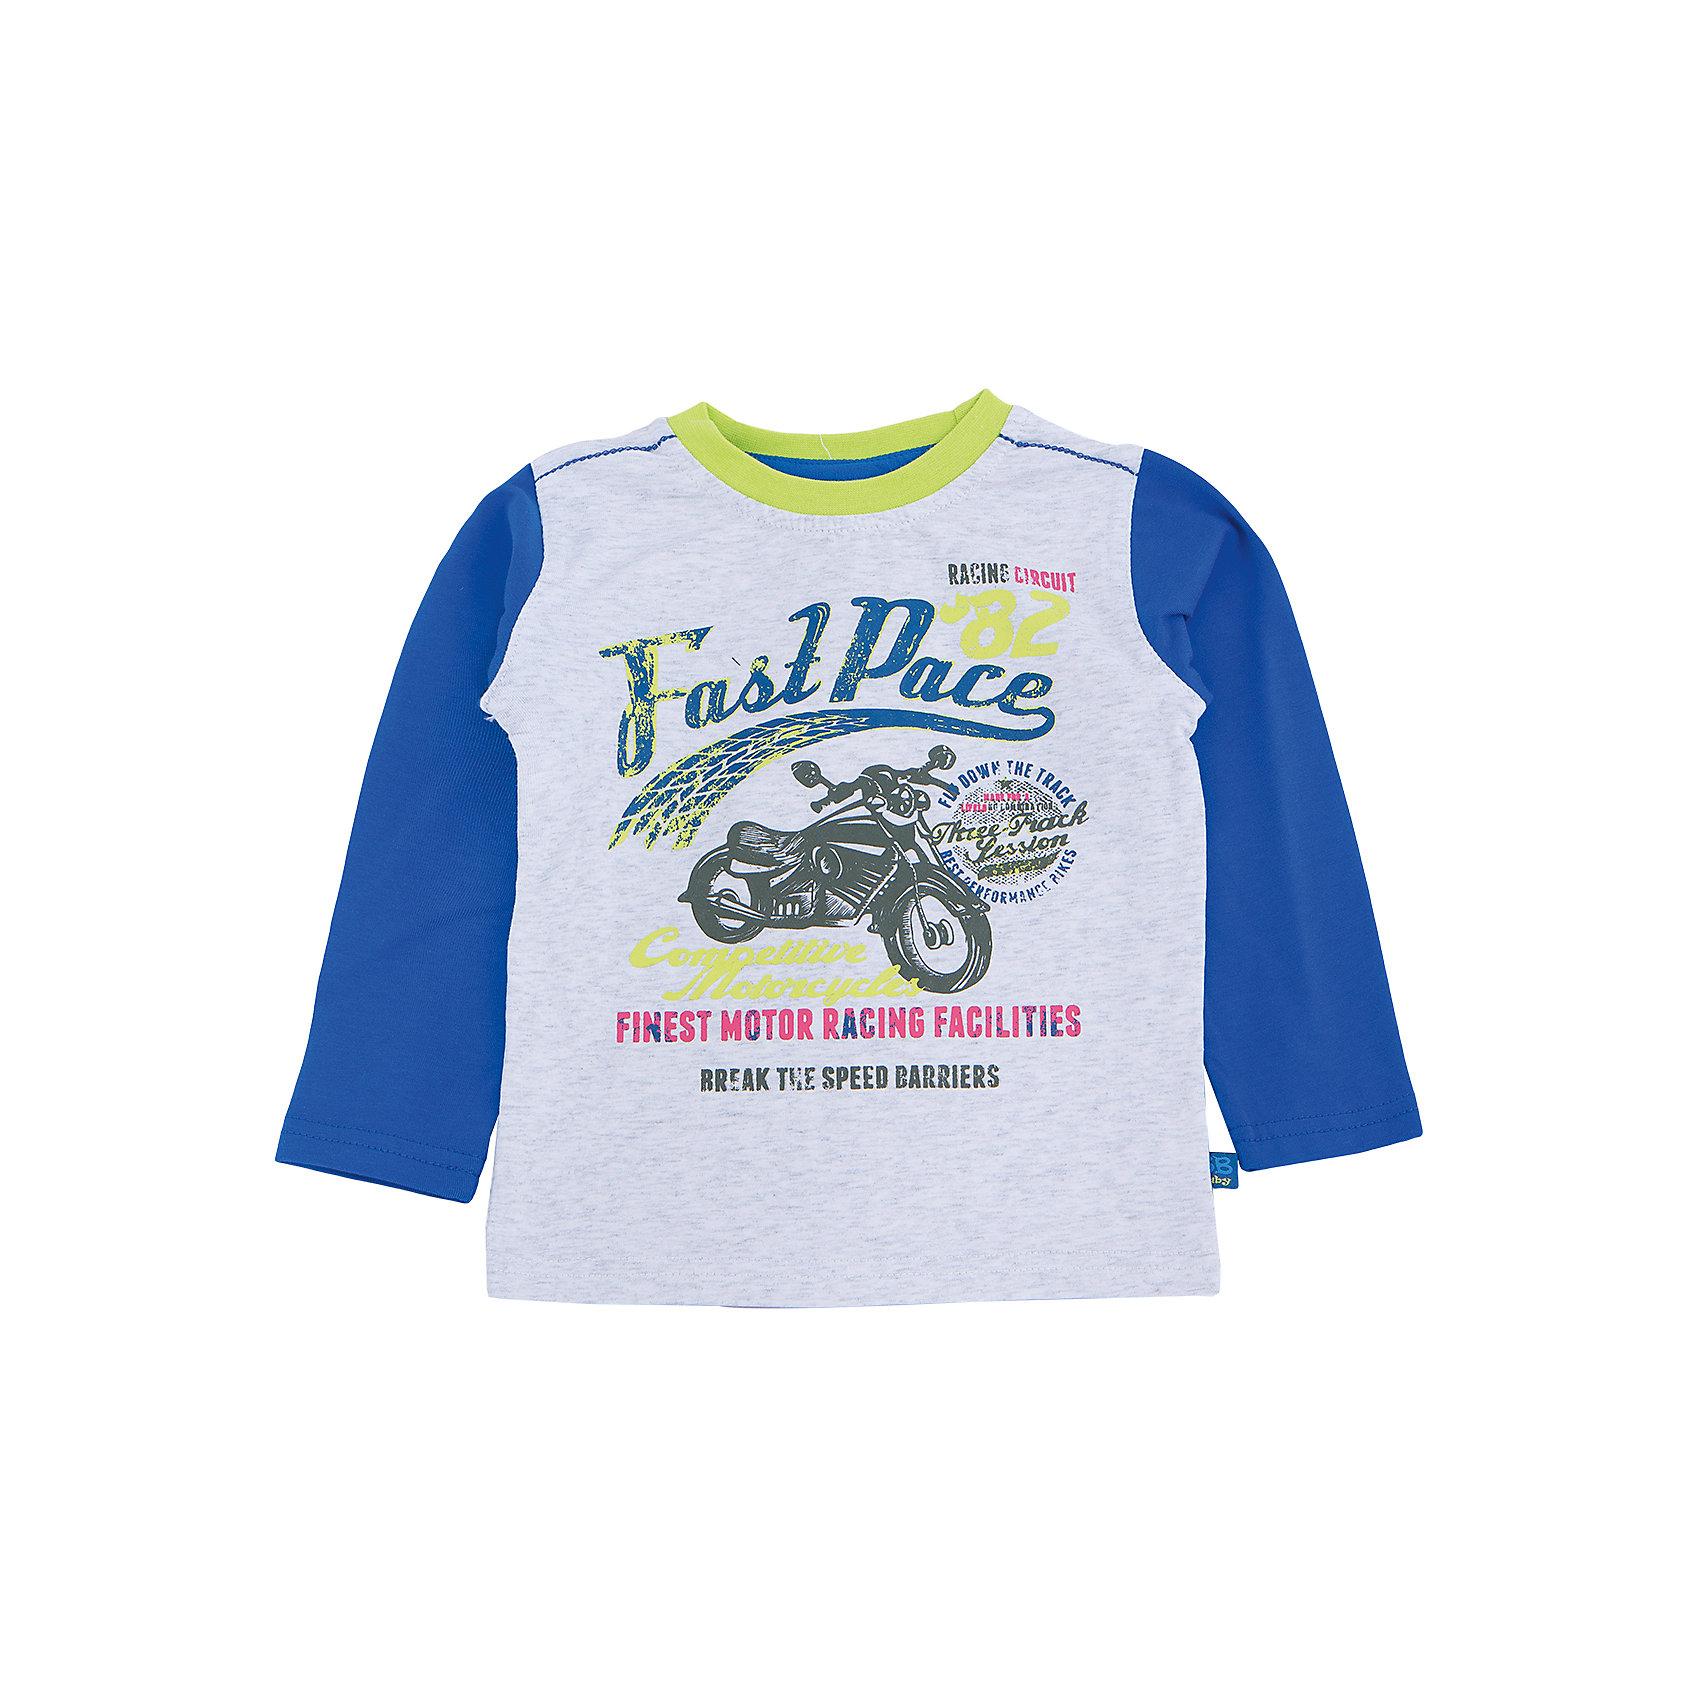 Футболка с длинным рукавом для мальчика Sweet BerryТакая футболка с длинным рукавом для мальчика отличается модным дизайном с ярким принтом. Удачный крой обеспечит ребенку комфорт и тепло. Горловина изделия обработана мягкой резинкой, поэтому вещь плотно прилегает к телу там, где нужно, и отлично сидит по фигуре.<br>Одежда от бренда Sweet Berry - это простой и выгодный способ одеть ребенка удобно и стильно. Всё изделия тщательно проработаны: швы - прочные, материал - качественный, фурнитура - подобранная специально для детей. <br><br>Дополнительная информация:<br><br>цвет: серый;<br>материал: 95% хлопок, 5% эластан;<br>декорирована принтом.<br><br>Футболку с длинным рукавом для мальчика от бренда Sweet Berry можно купить в нашем интернет-магазине.<br><br>Ширина мм: 230<br>Глубина мм: 40<br>Высота мм: 220<br>Вес г: 250<br>Цвет: серый<br>Возраст от месяцев: 24<br>Возраст до месяцев: 36<br>Пол: Мужской<br>Возраст: Детский<br>Размер: 98,80,86,92<br>SKU: 4929897